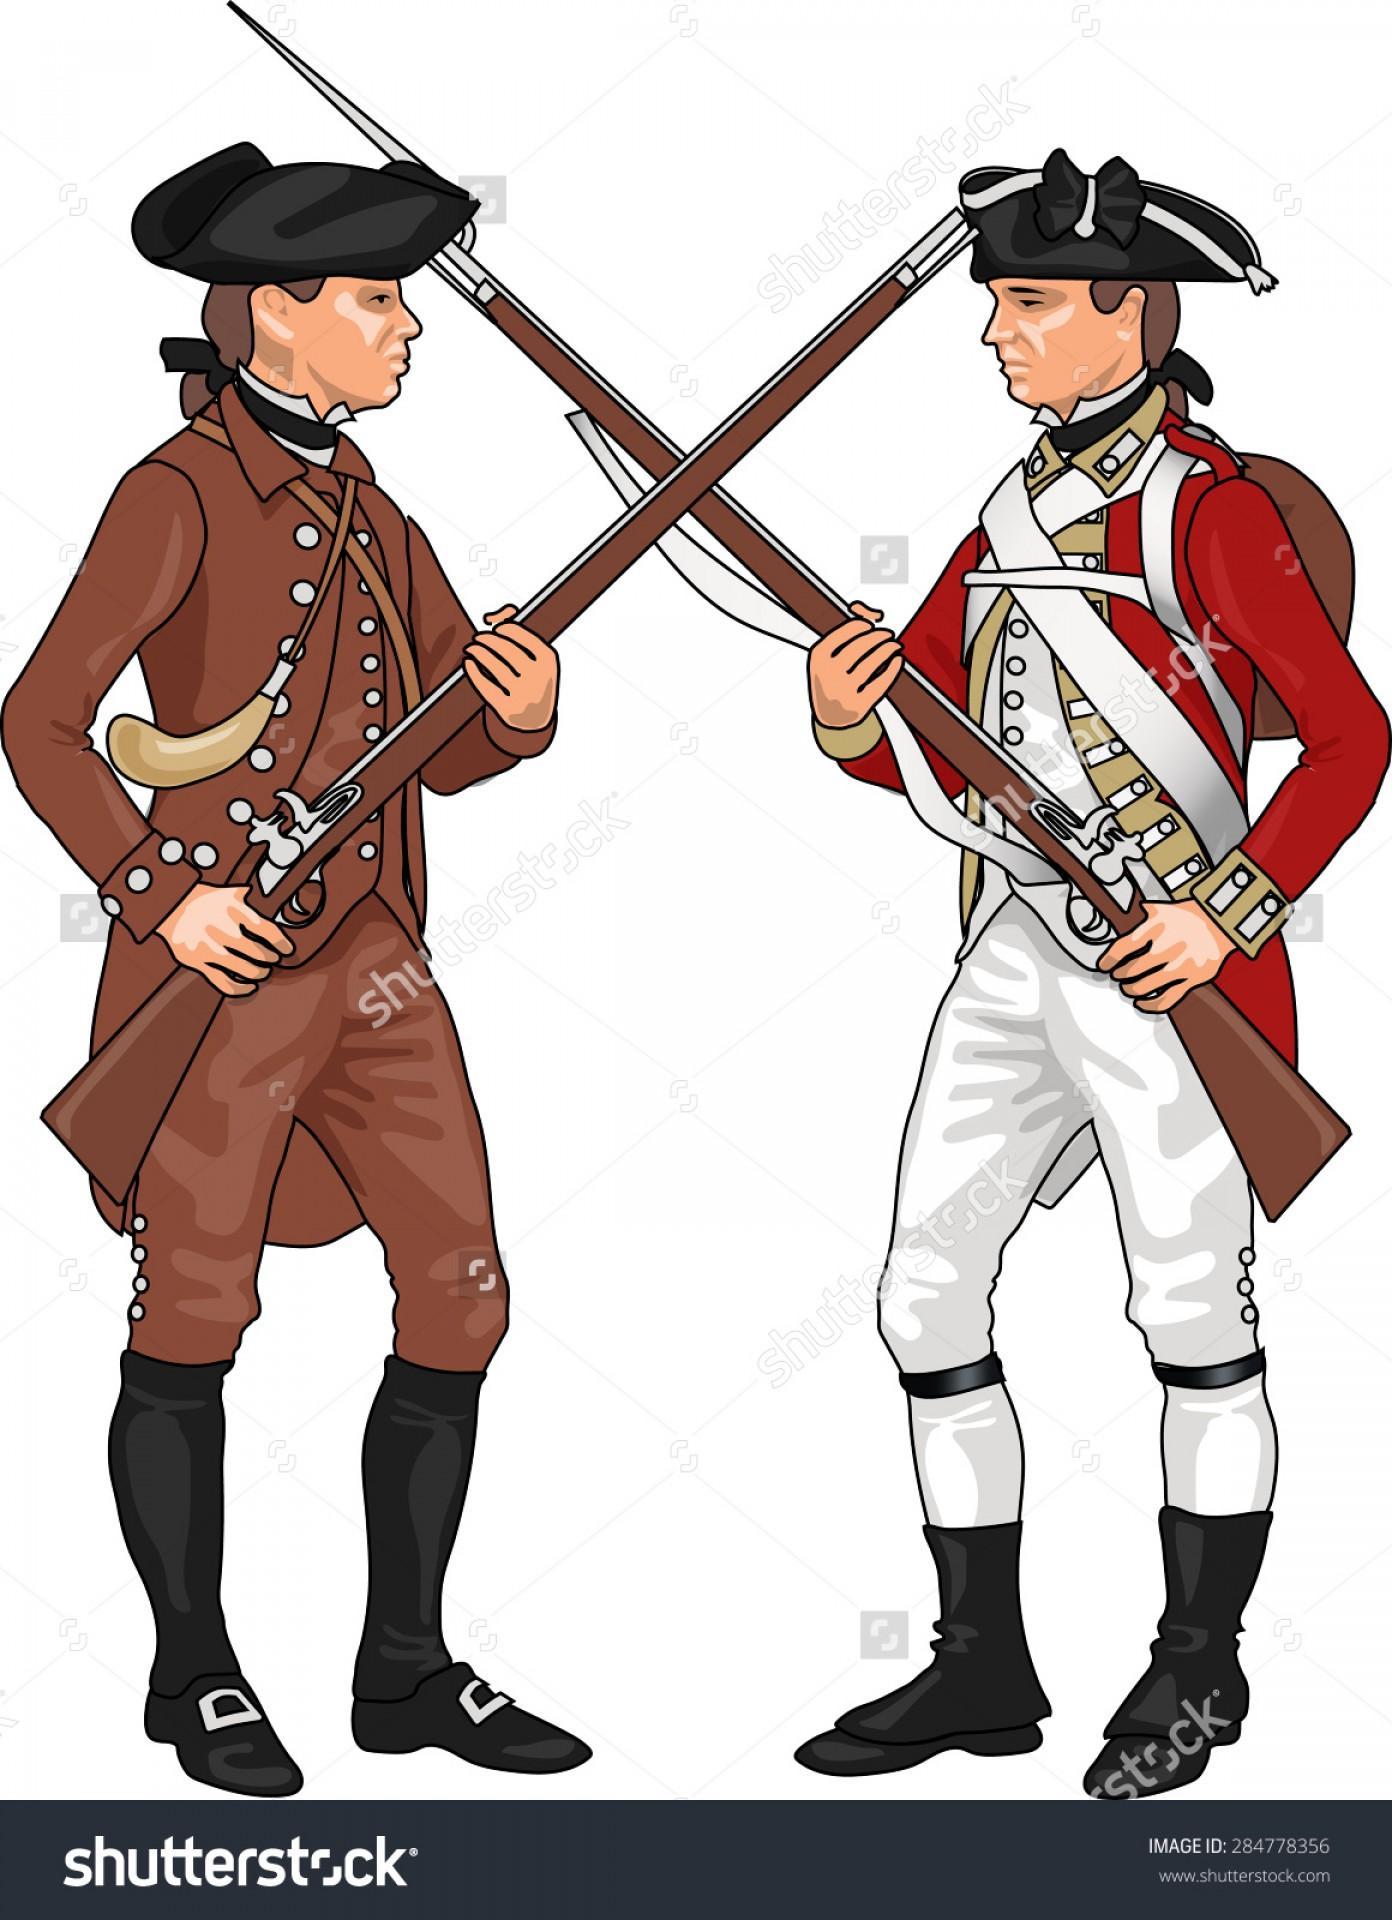 Best Free British Soldier Revolutionary War Clipart Image.